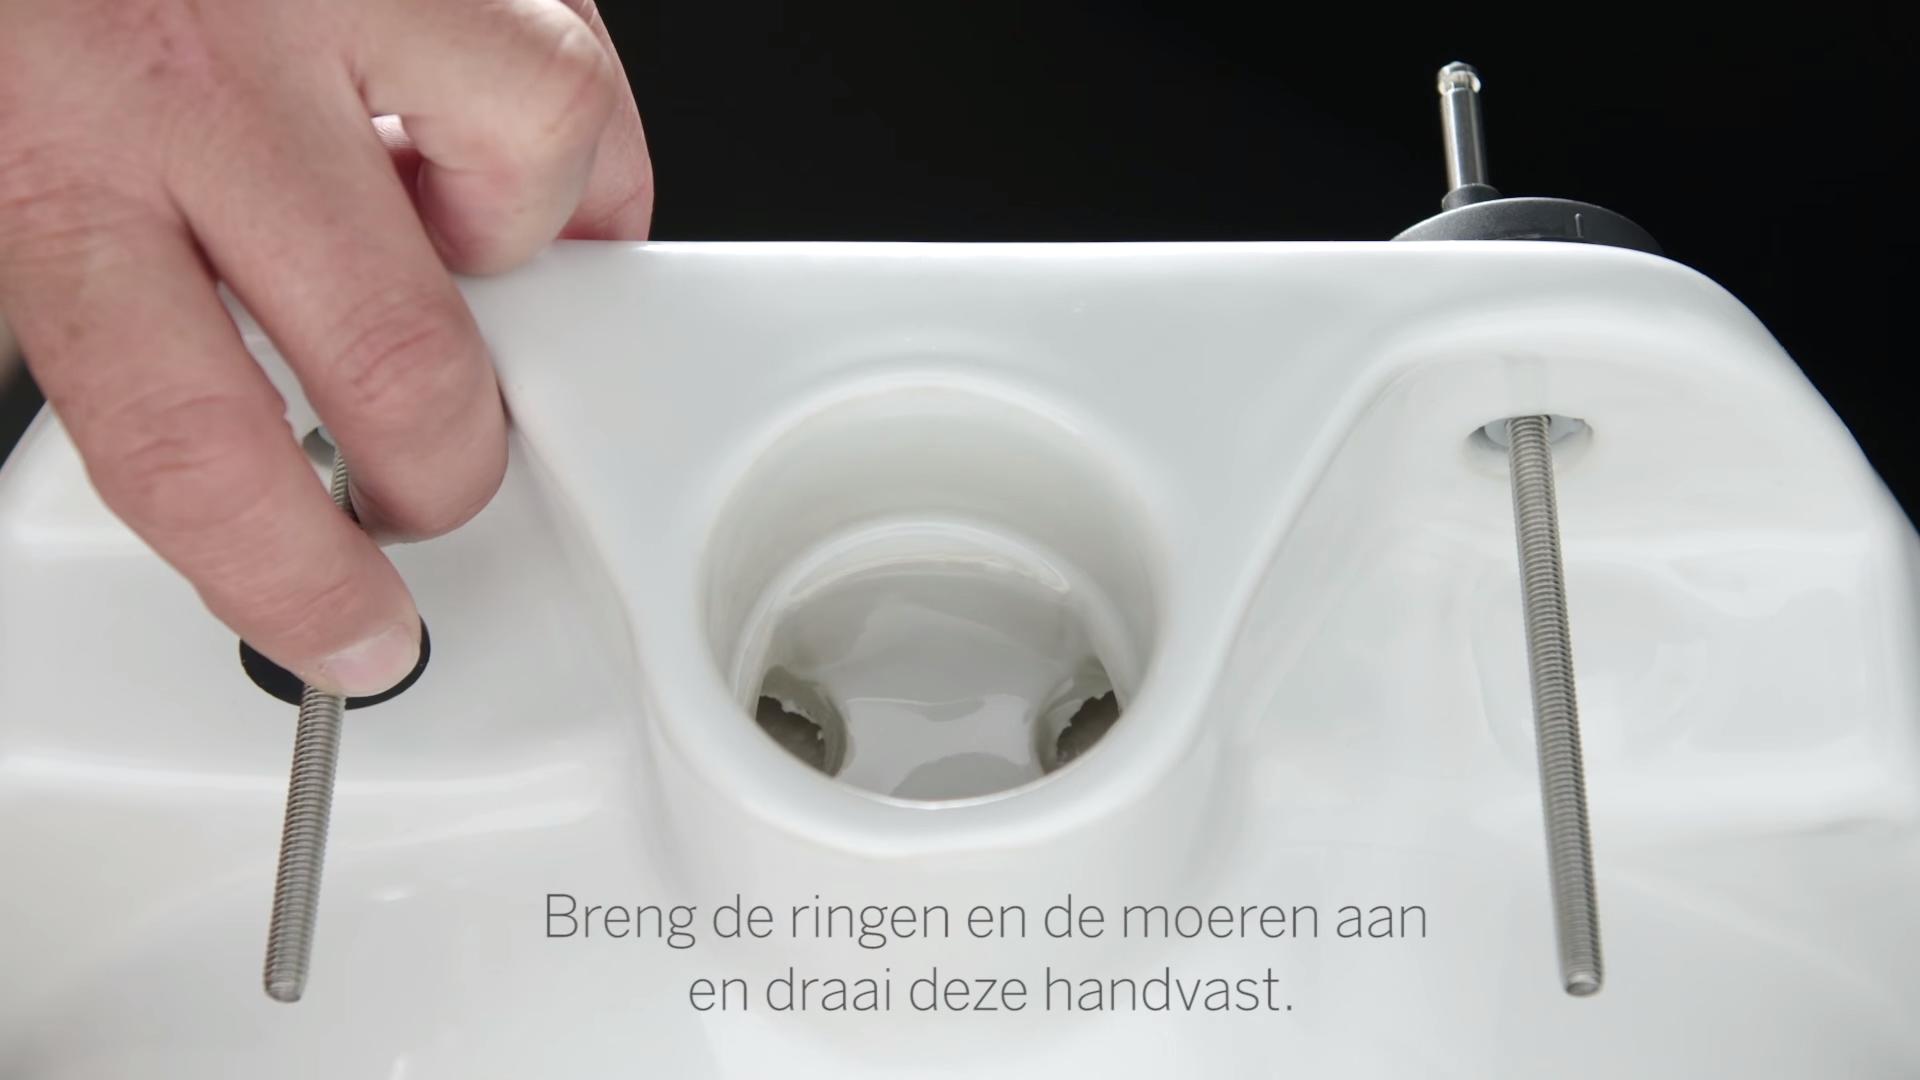 Tiger Toilet Accessoires : Toilet accessoires monteren 052552 u003e wibma.com = ontwerp inspiratie